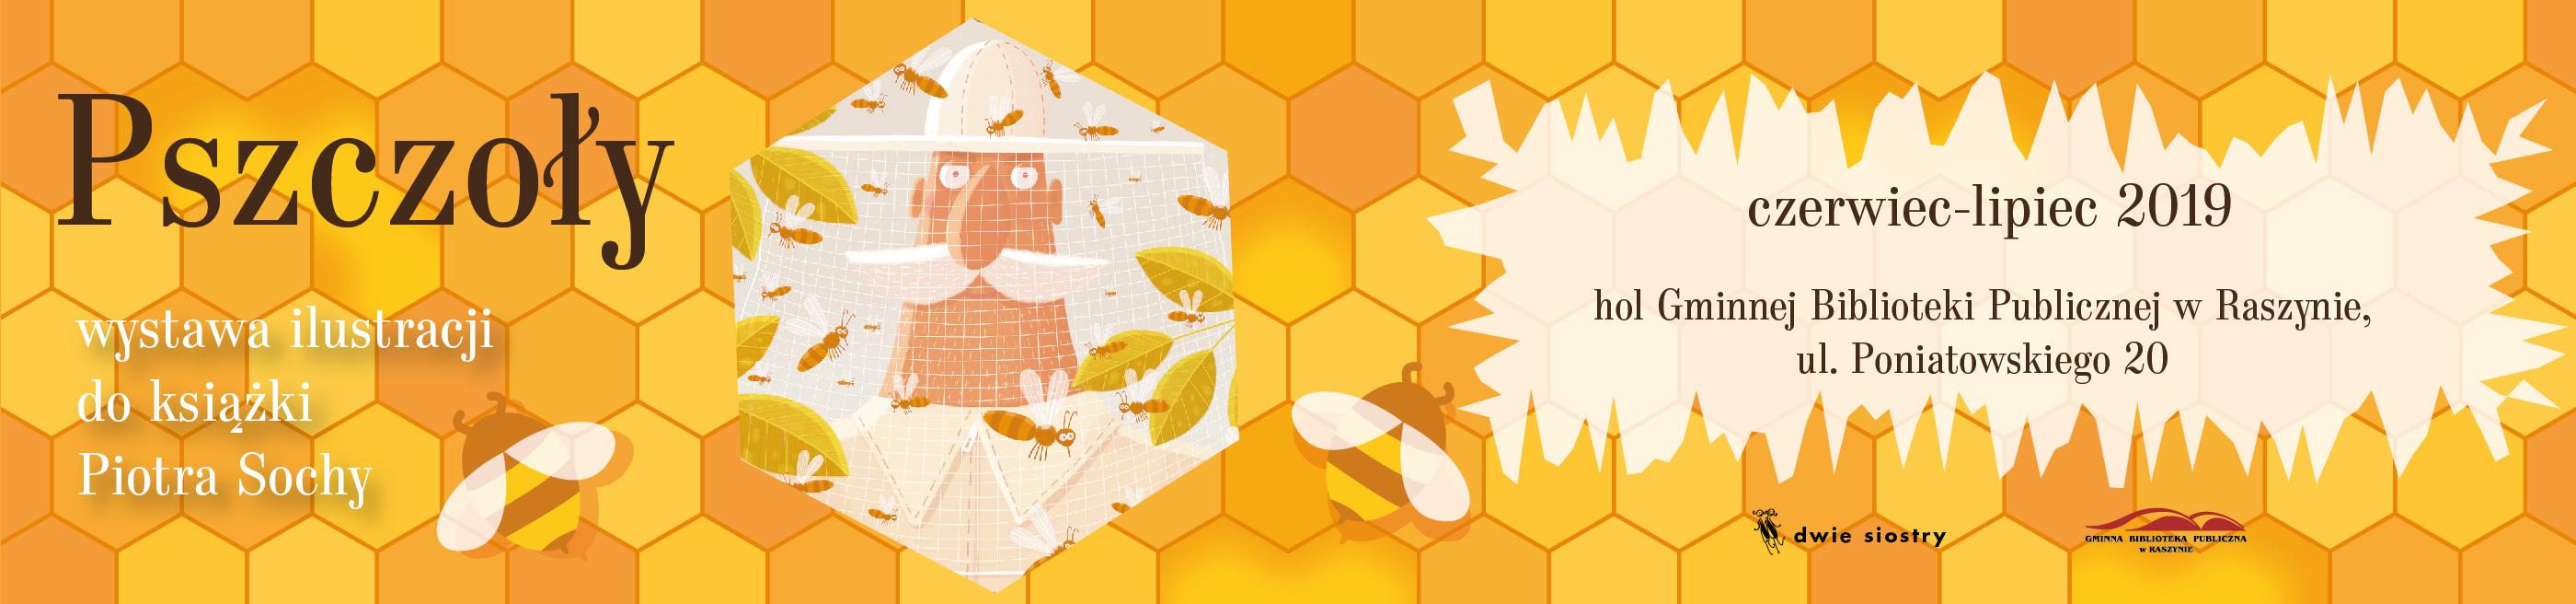 pszczoly-wystawa